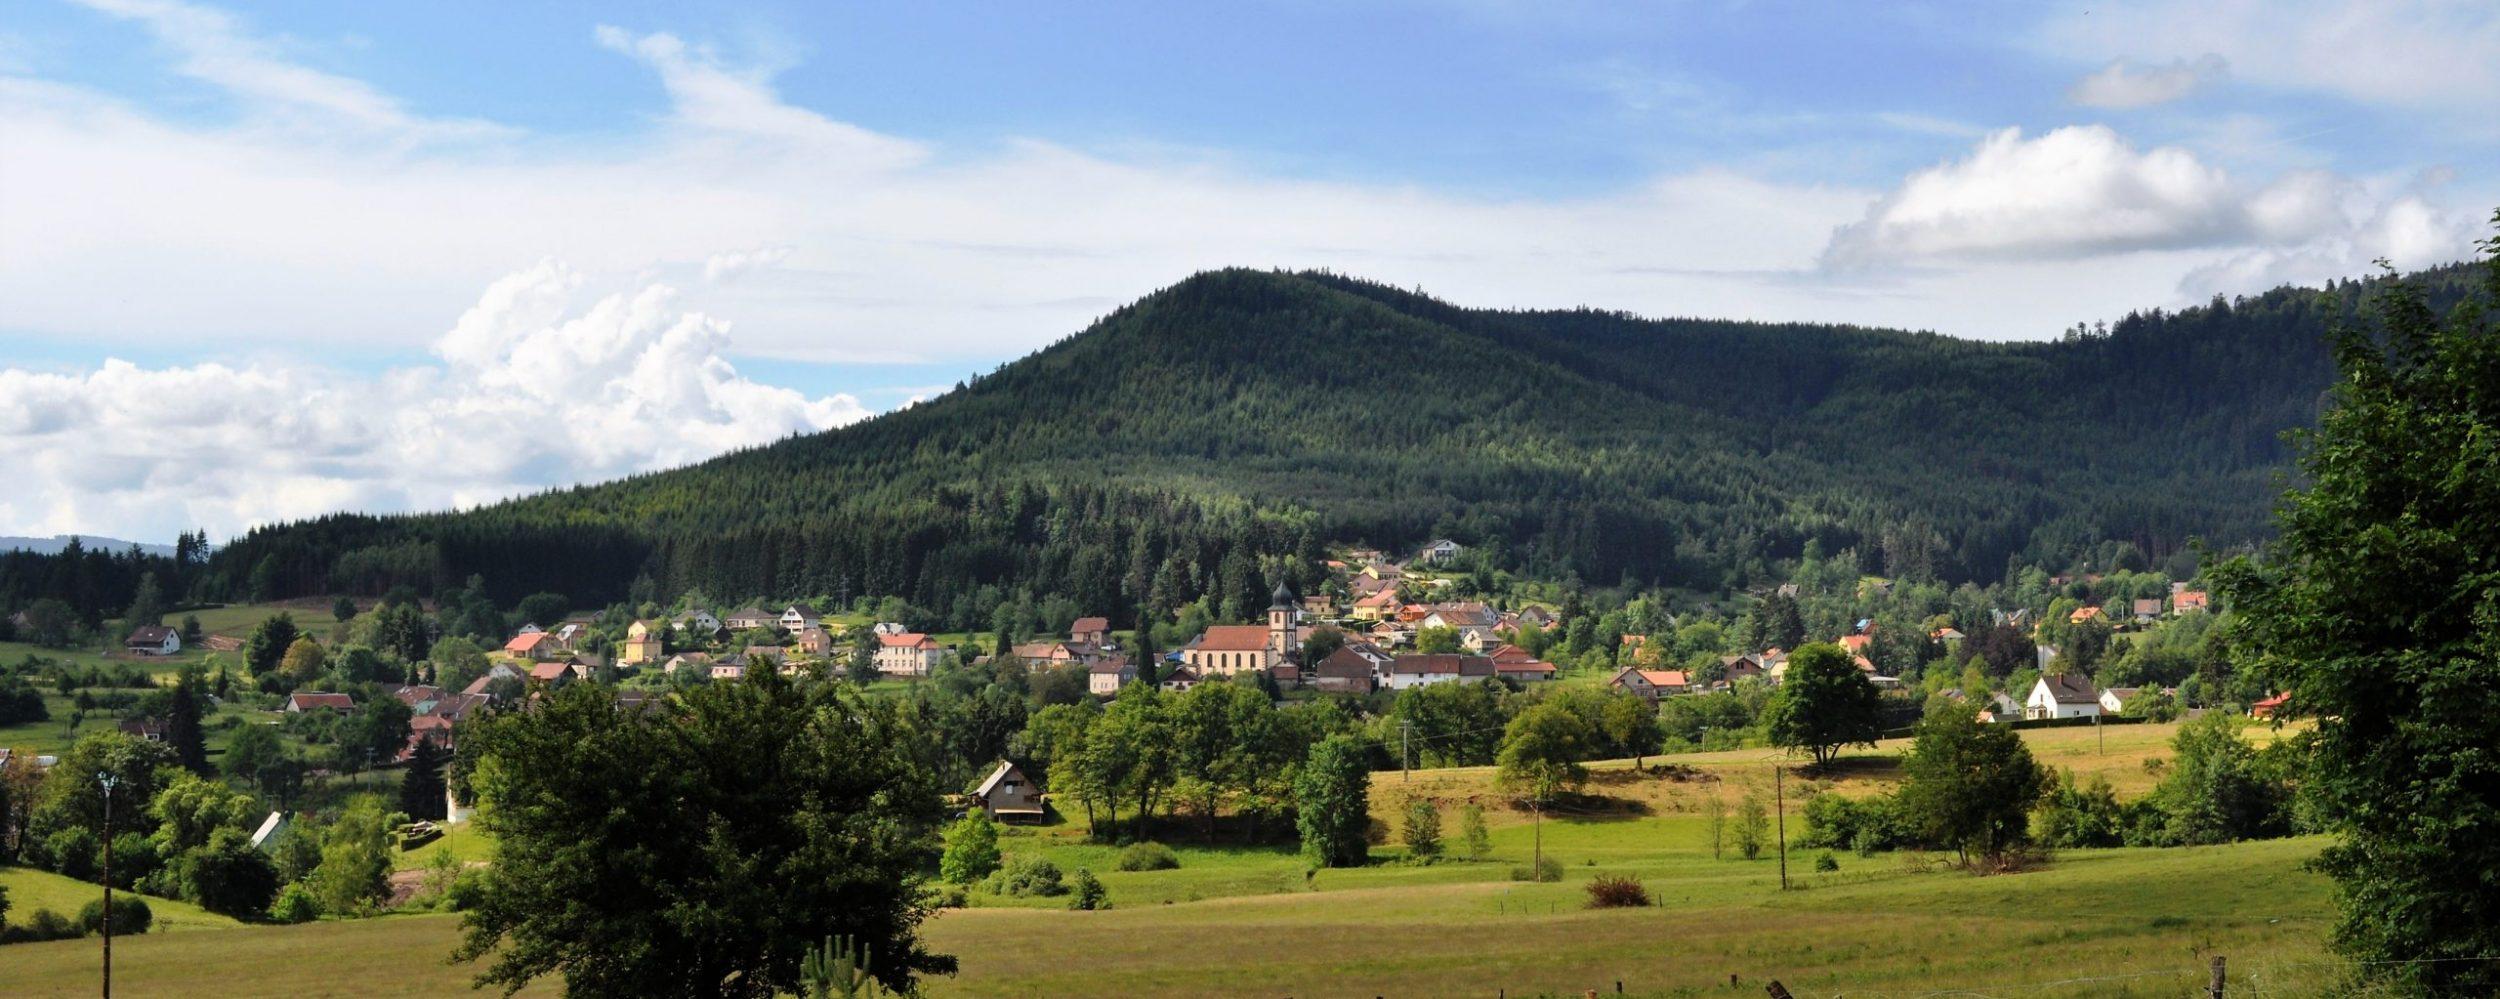 Mairie de Saulxures, Vallée de la Bruche